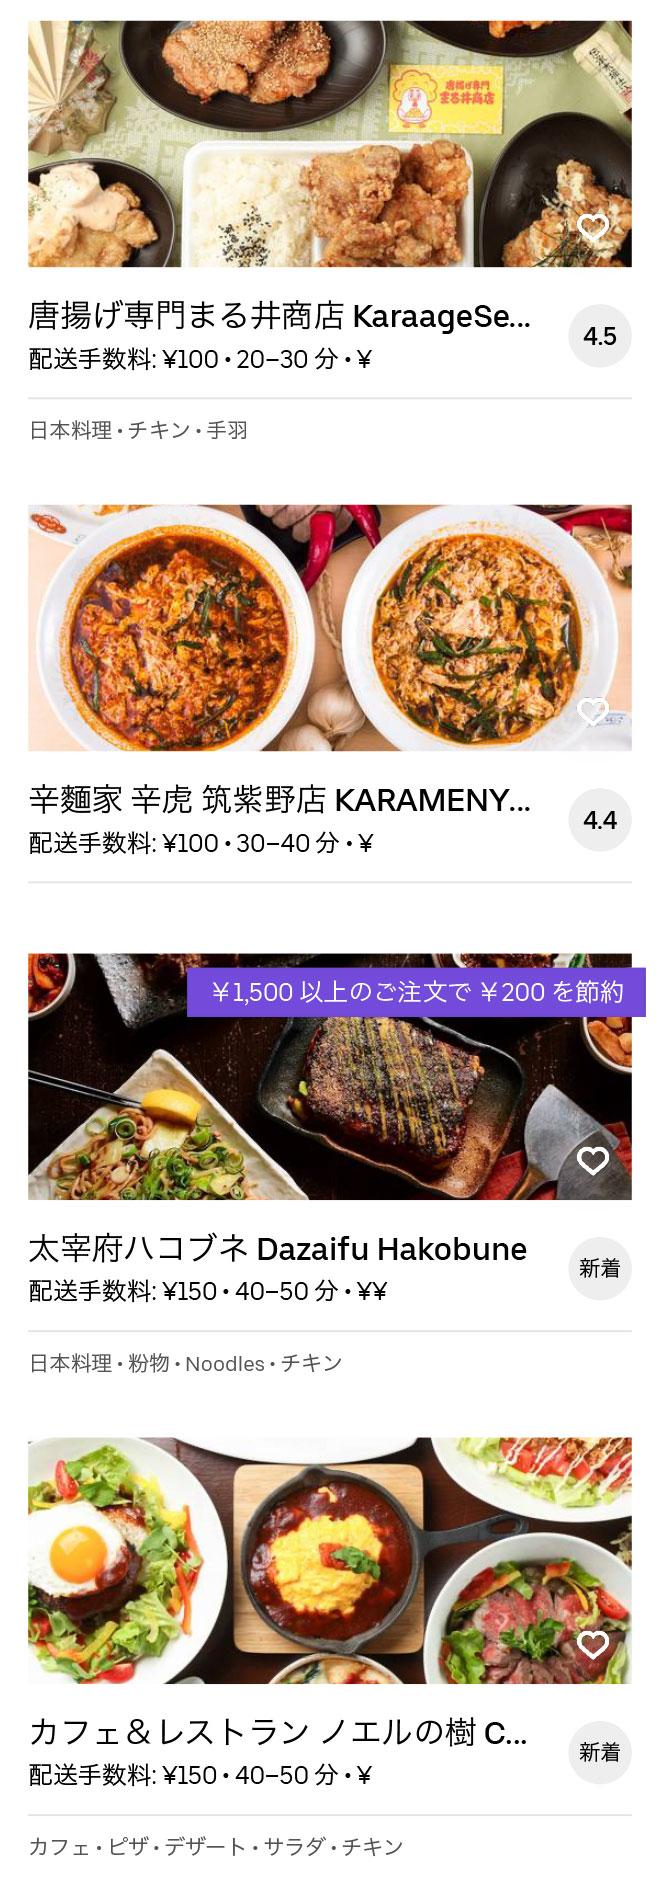 Chikushino futsukaichi menu 2004 05